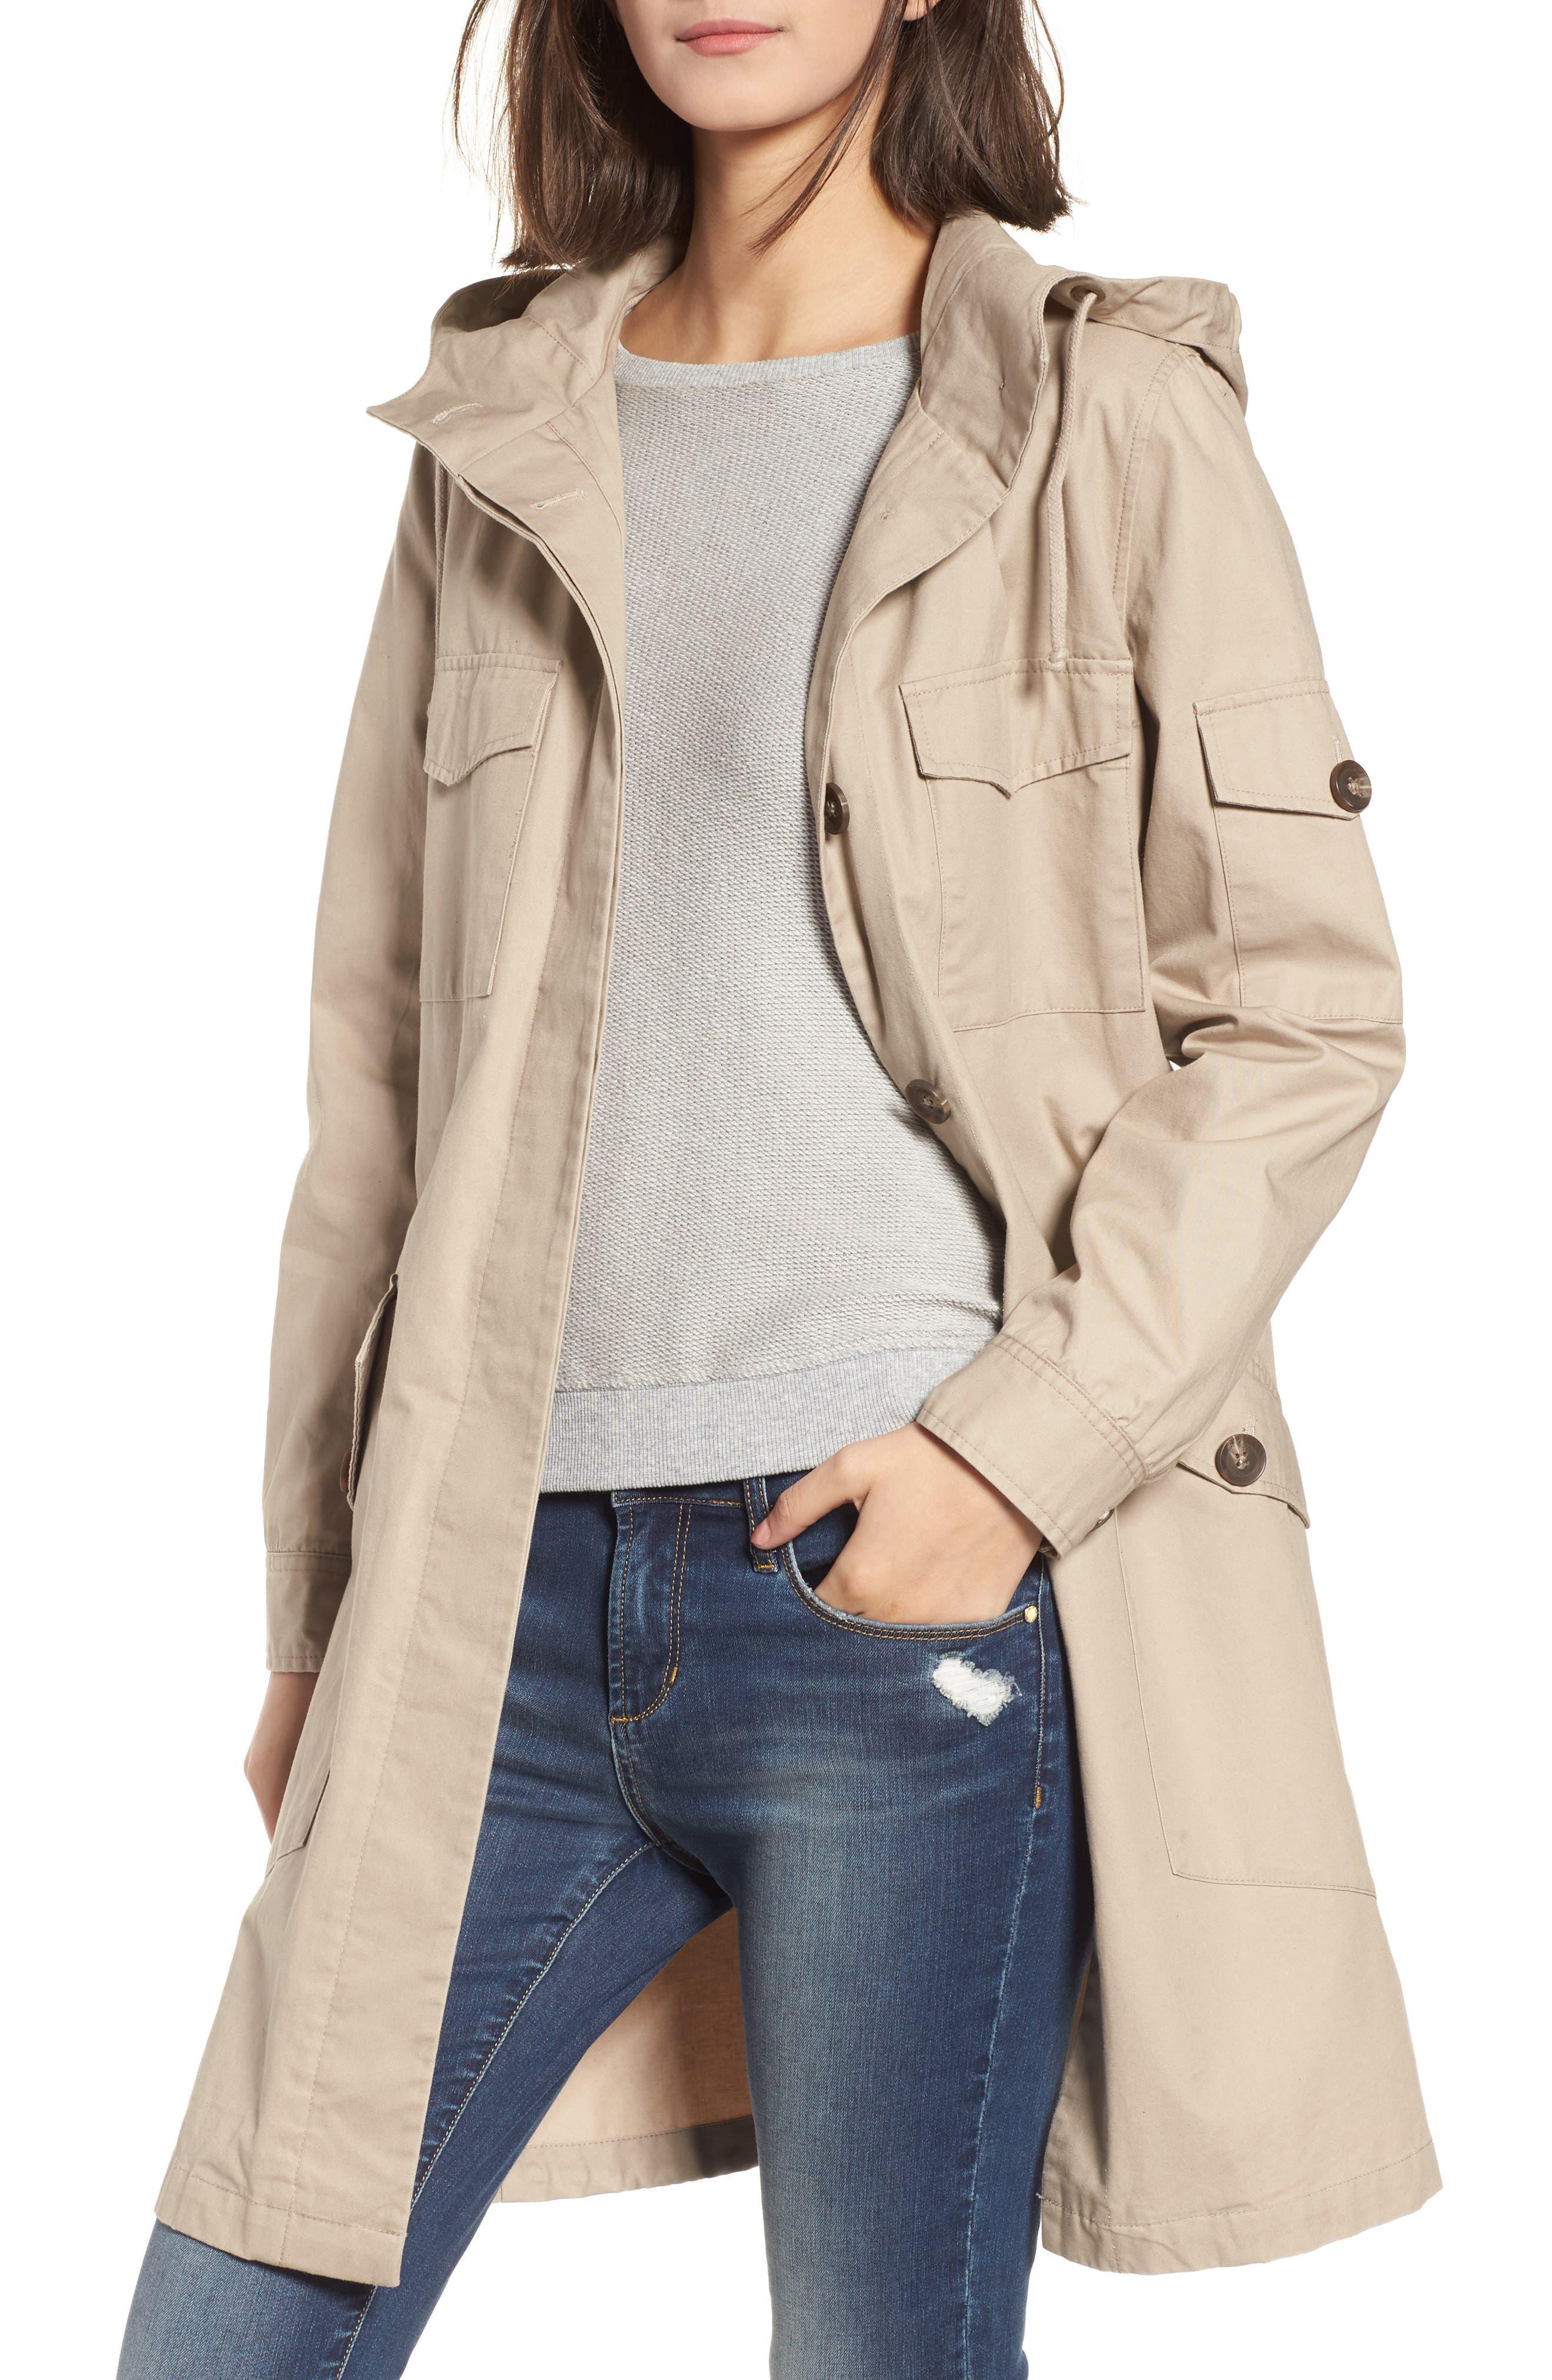 Noah Cotton Twill Coat,                         Main,                         color, Cobblestone